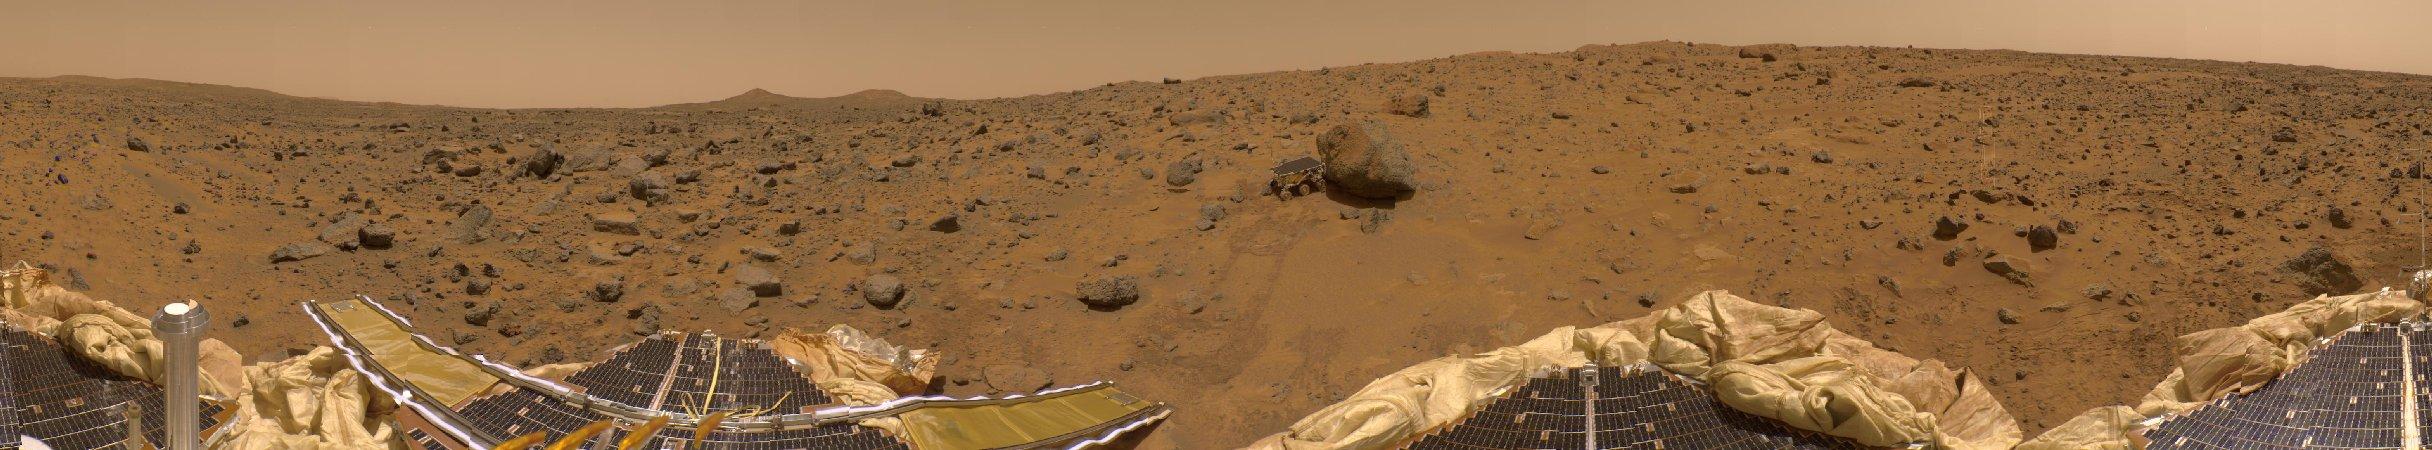 Un Panorama Presidencial de Marte